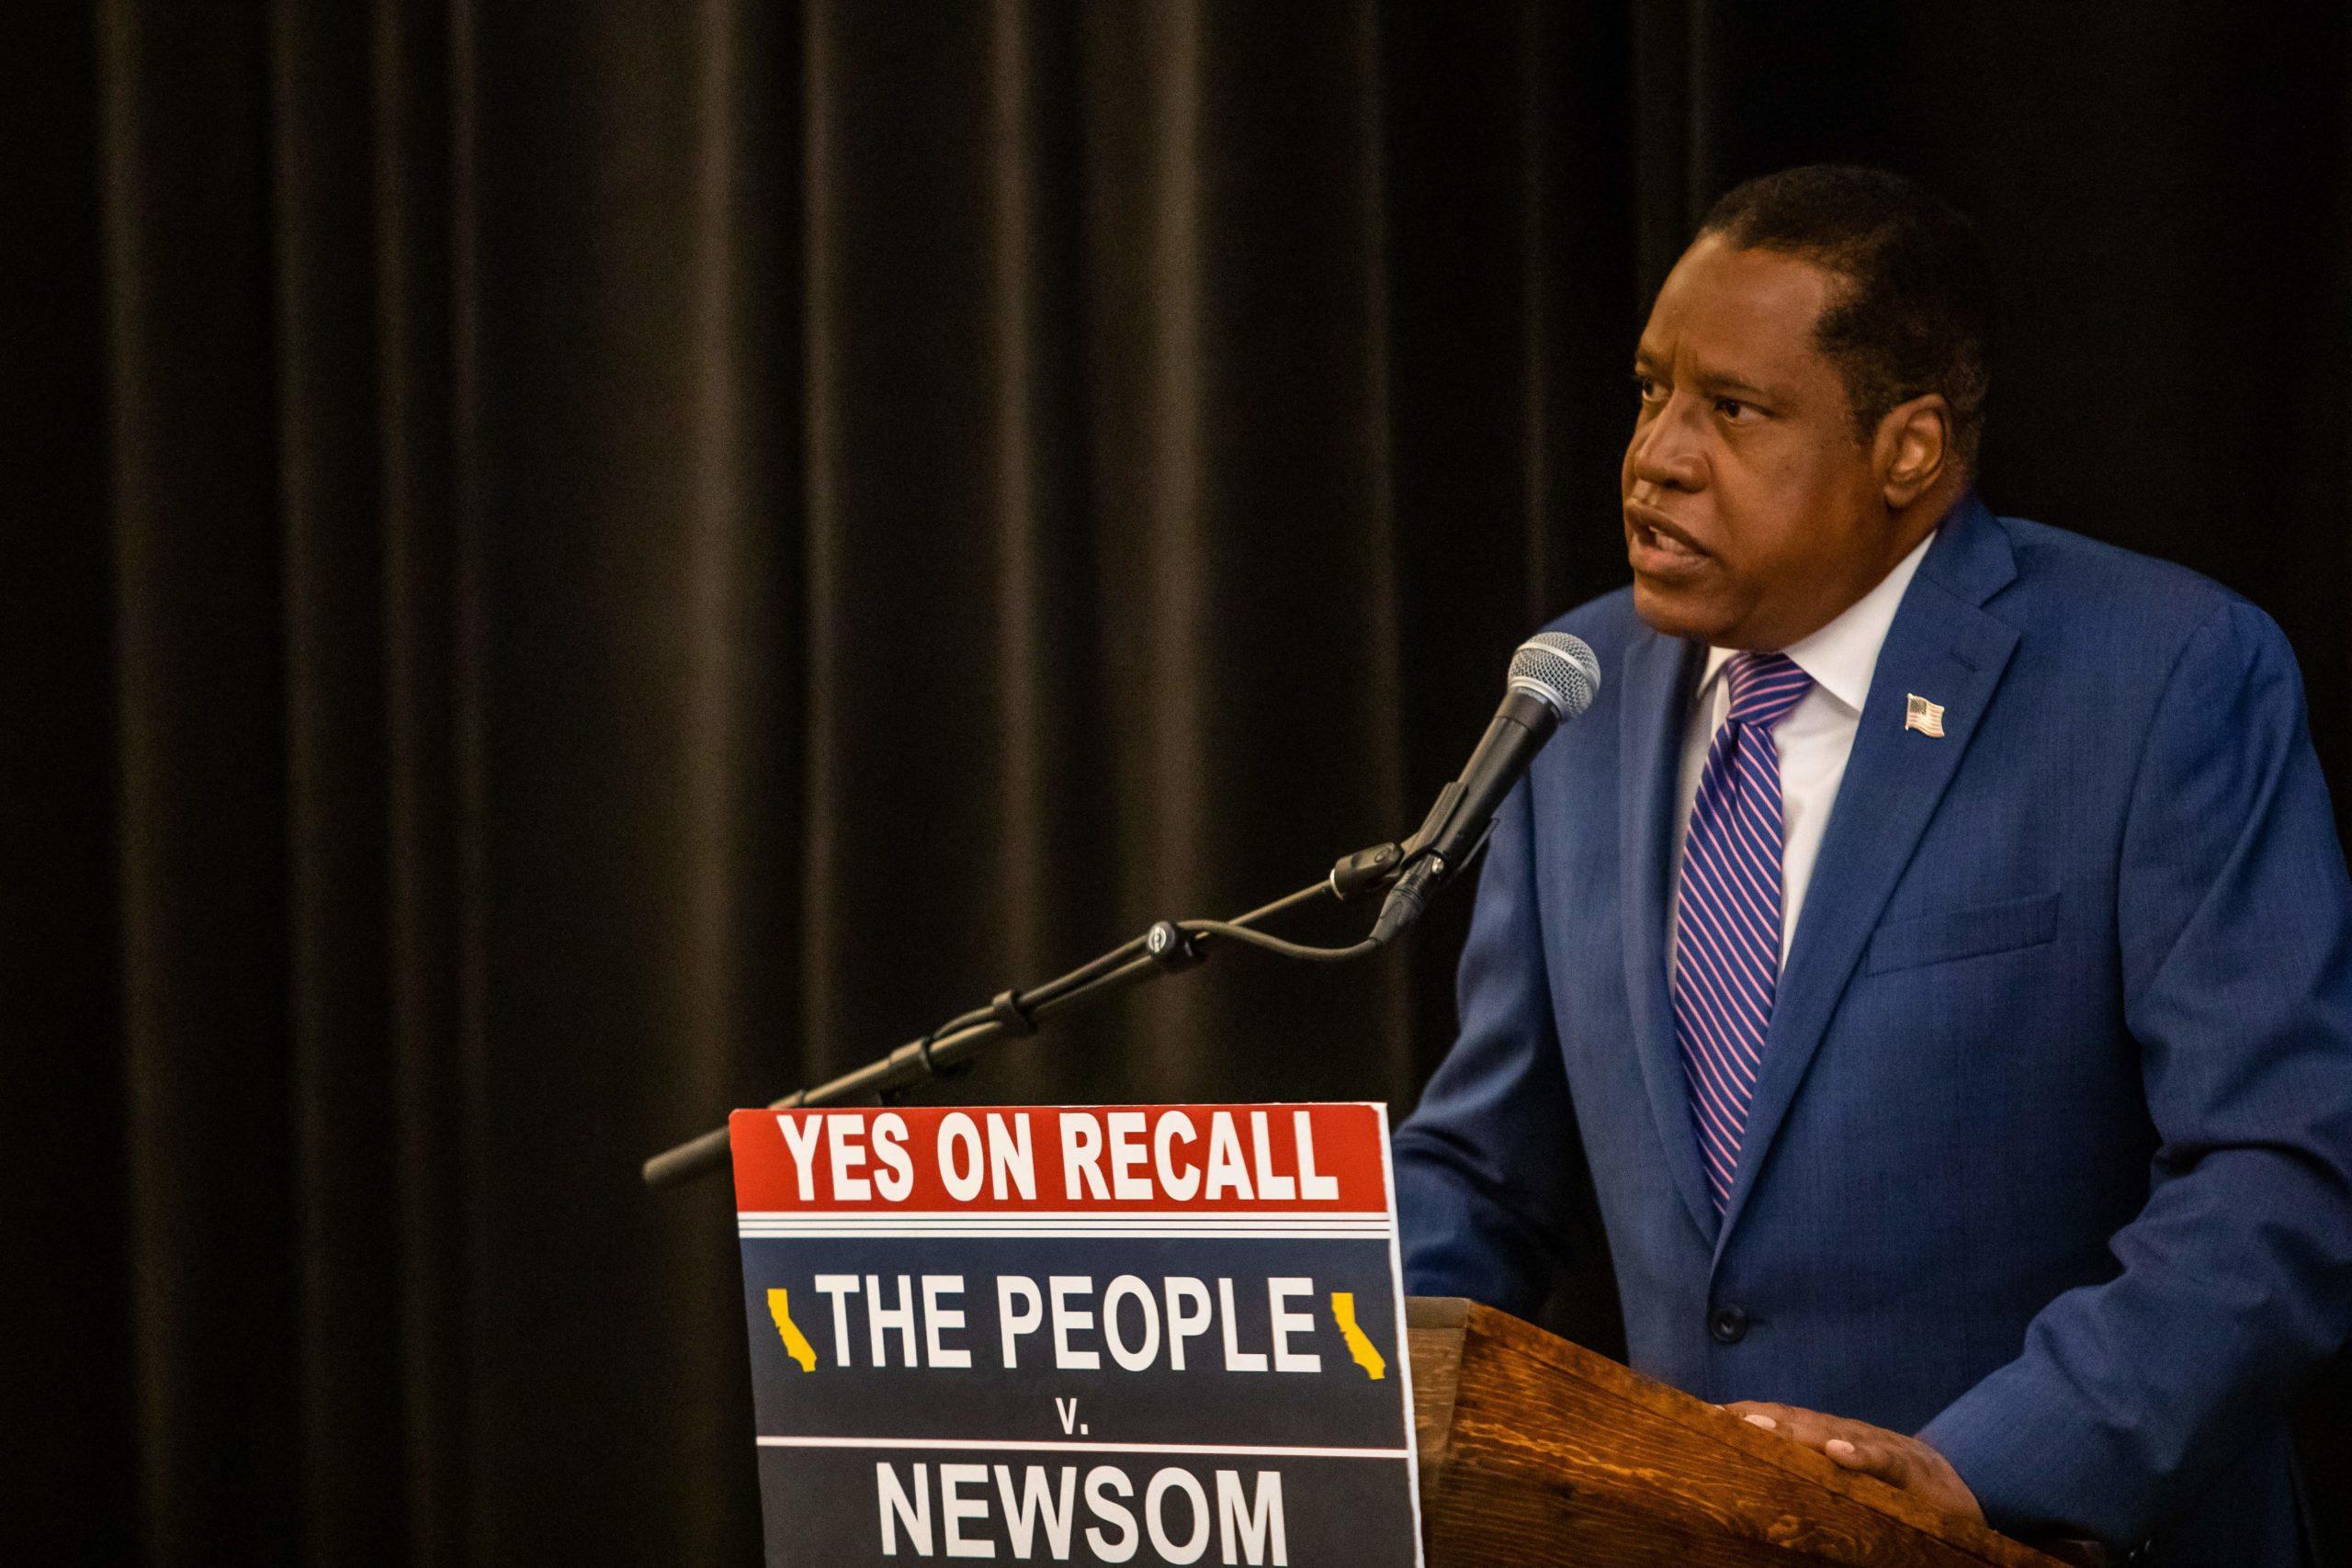 Larry Elder speaks on September 12 in Los Angeles. (APU GOMES/AFP via Getty Images)